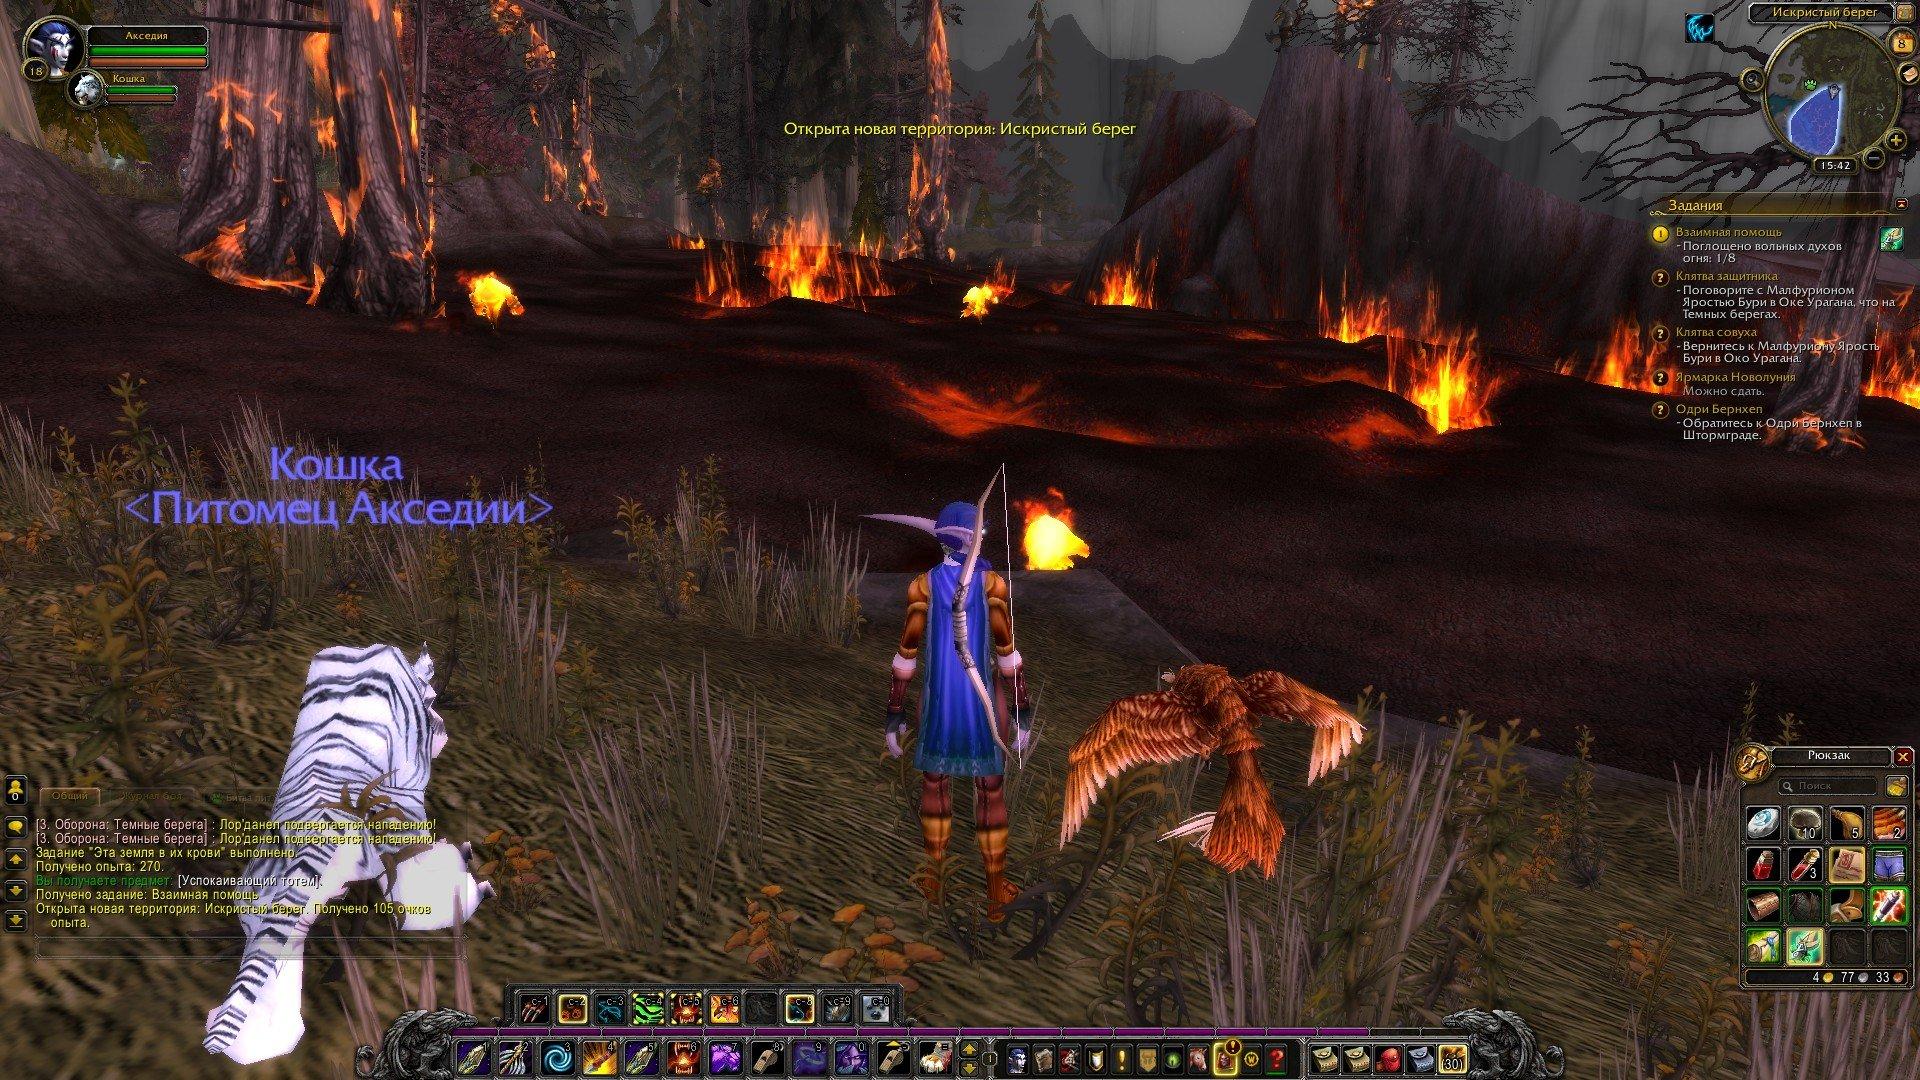 Путешествие по World of Warcraft ... Ночной Эльф. Глава 2 - Изображение 15